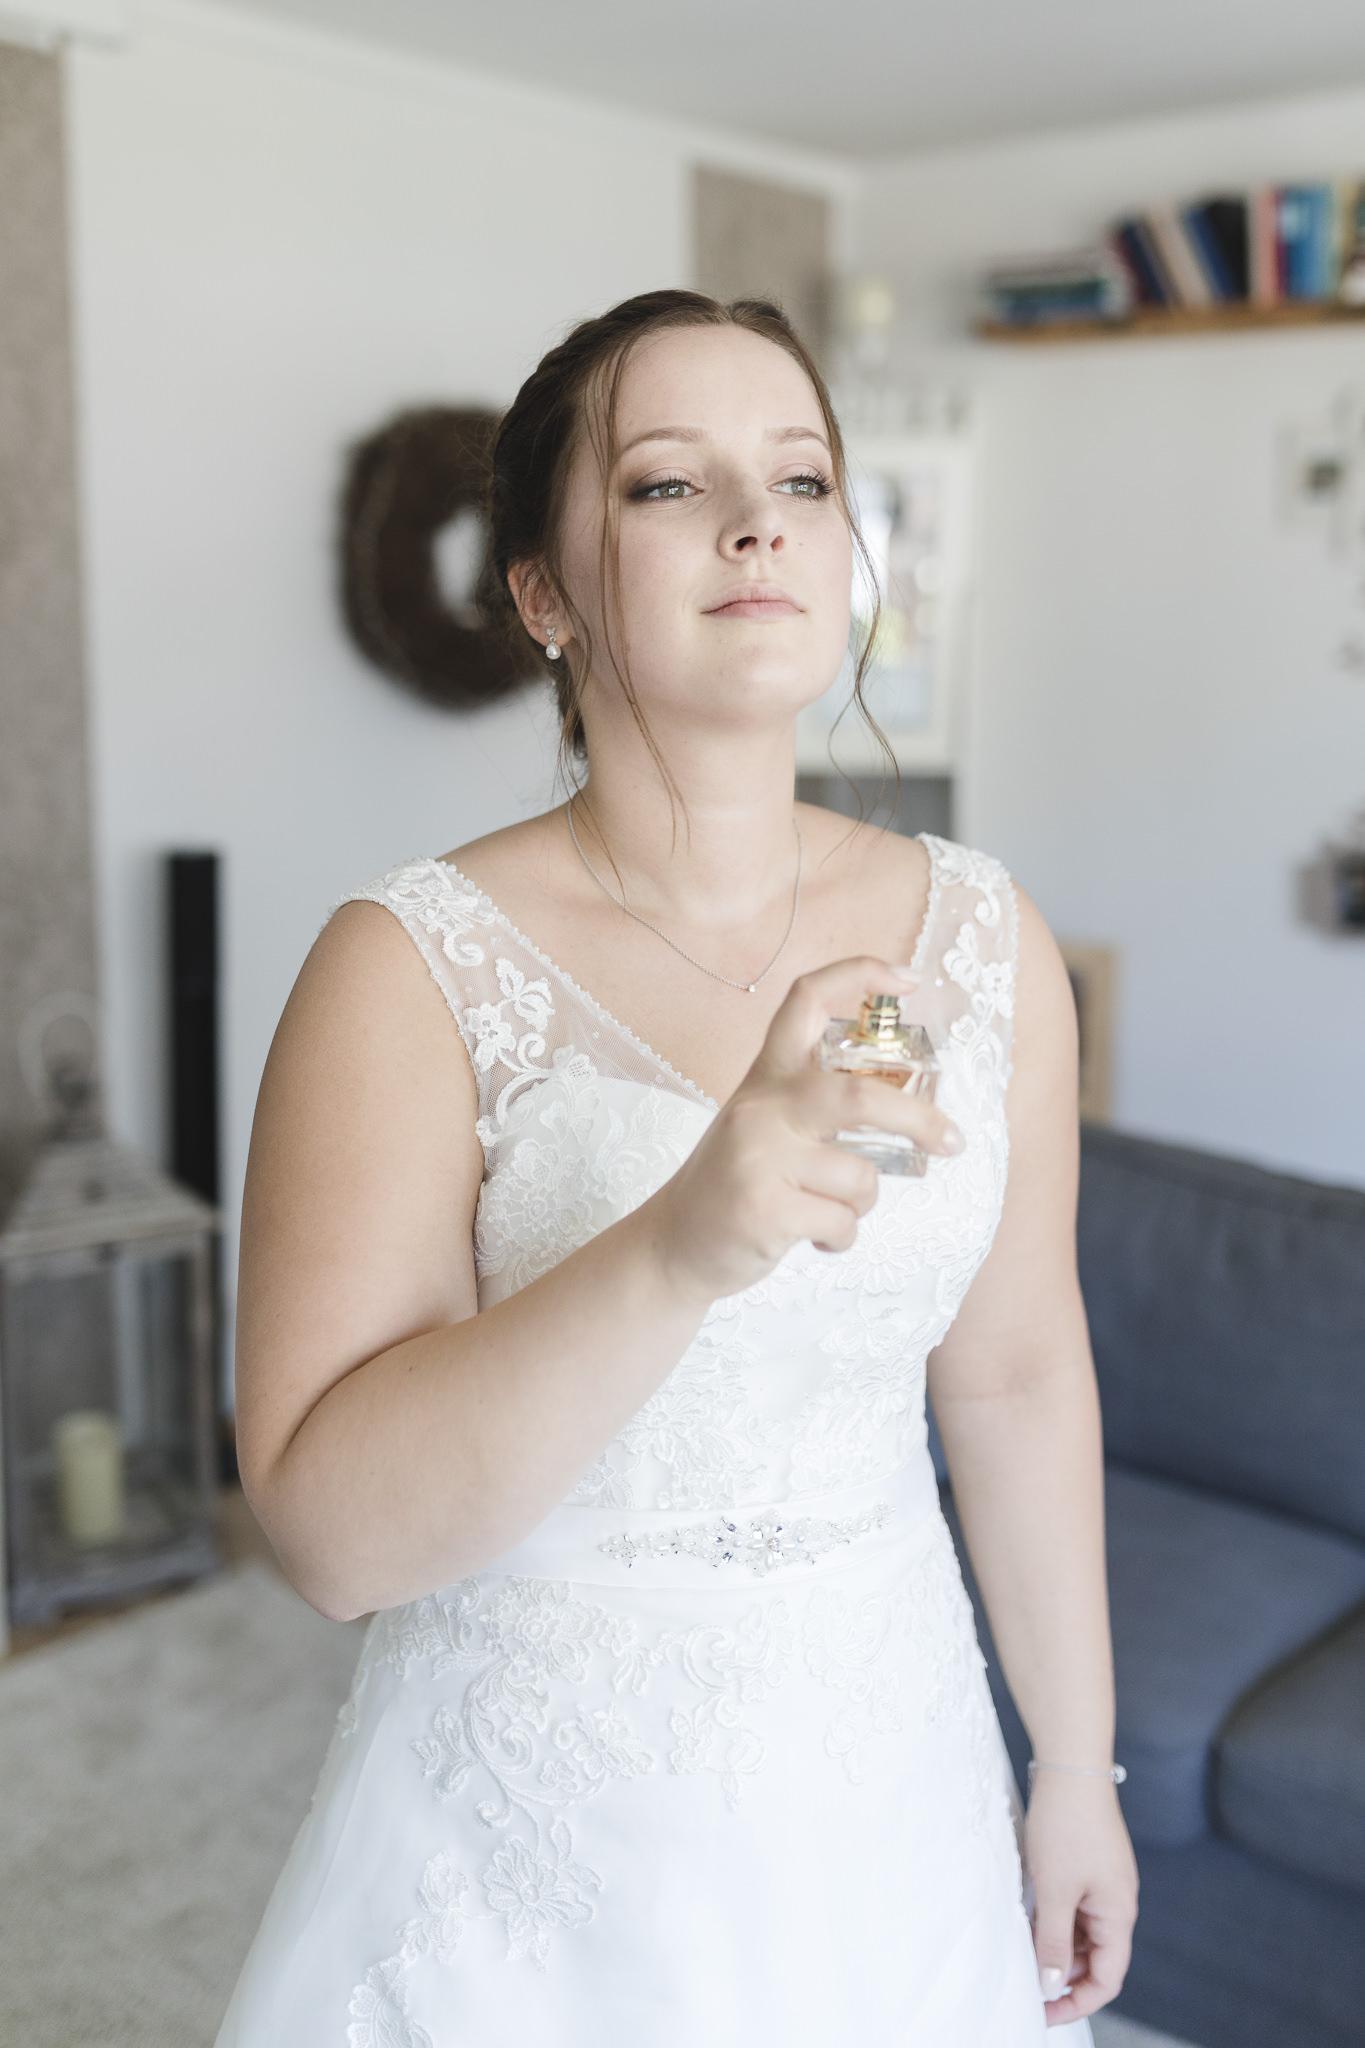 Hochzeitsfotografin Hamburg - die Braut legt Parfum auf